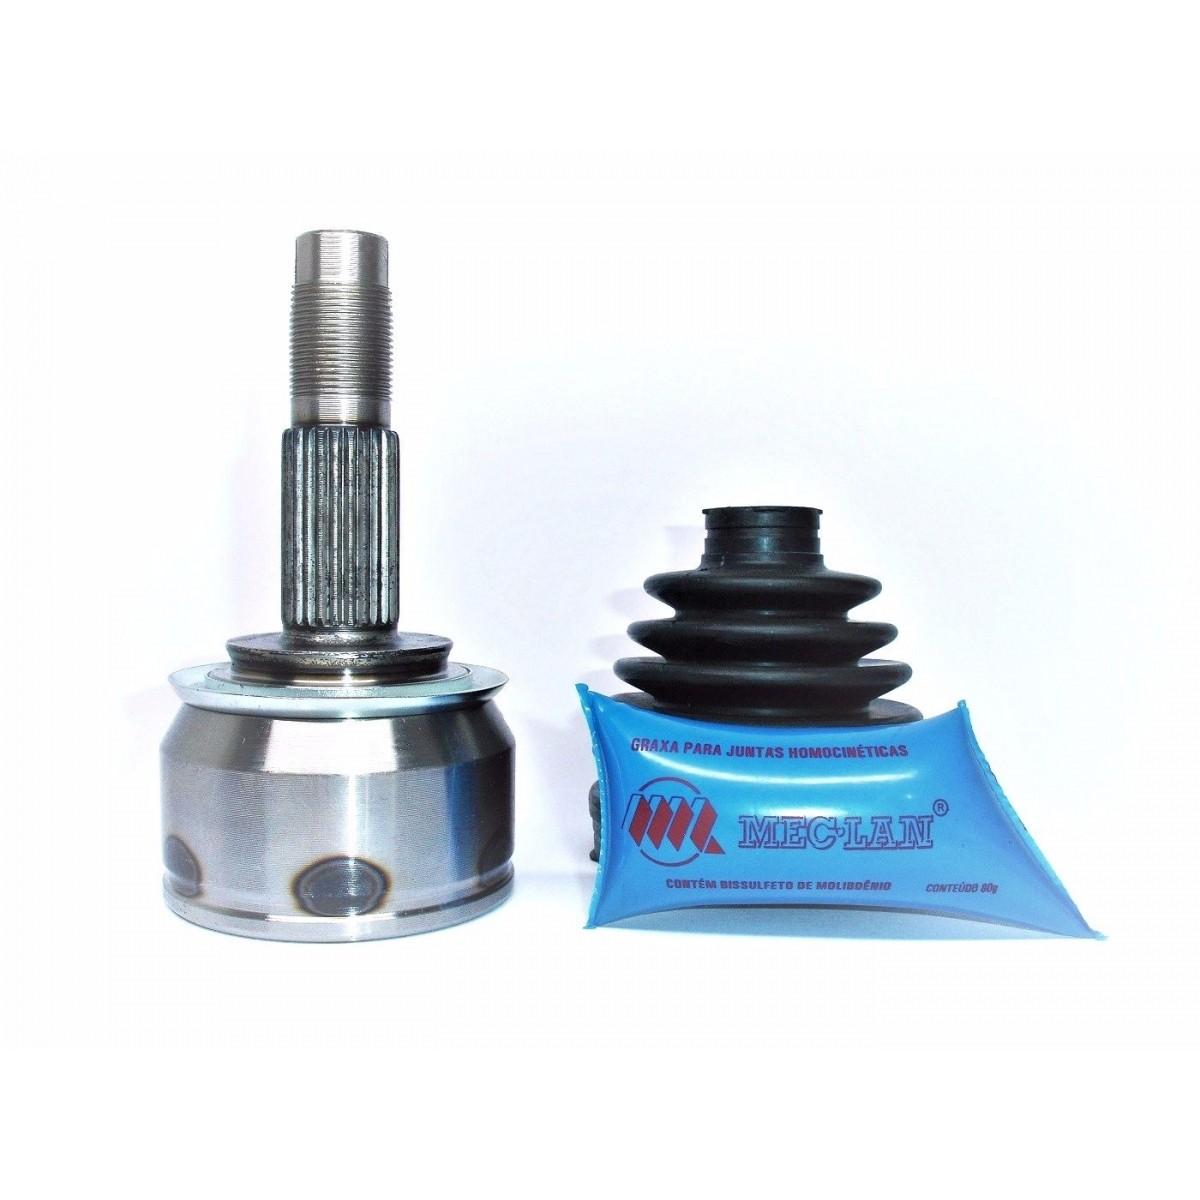 Junta Homocinetica GM Cobalt 1.4 até  2012 25x21